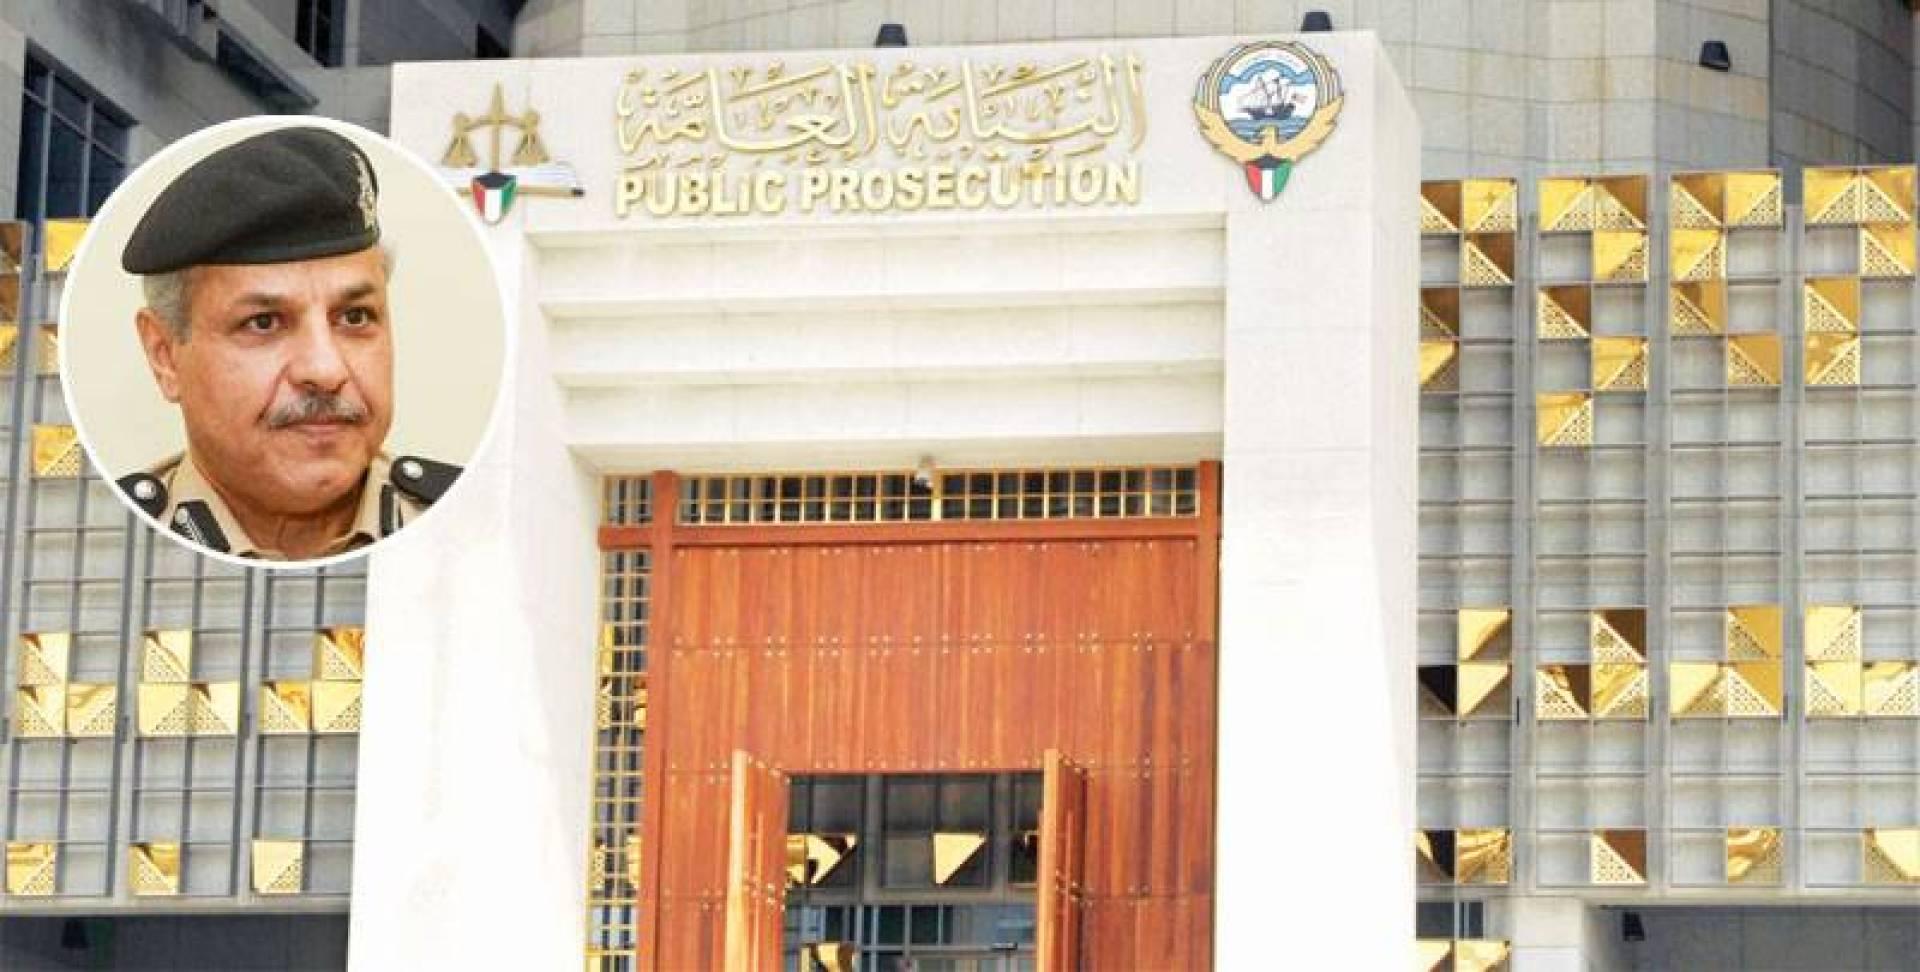 النيابة العامة تأمُر بحجز مازن الجراح بعد التحقيق معه في قضية «النائب البنغالي»